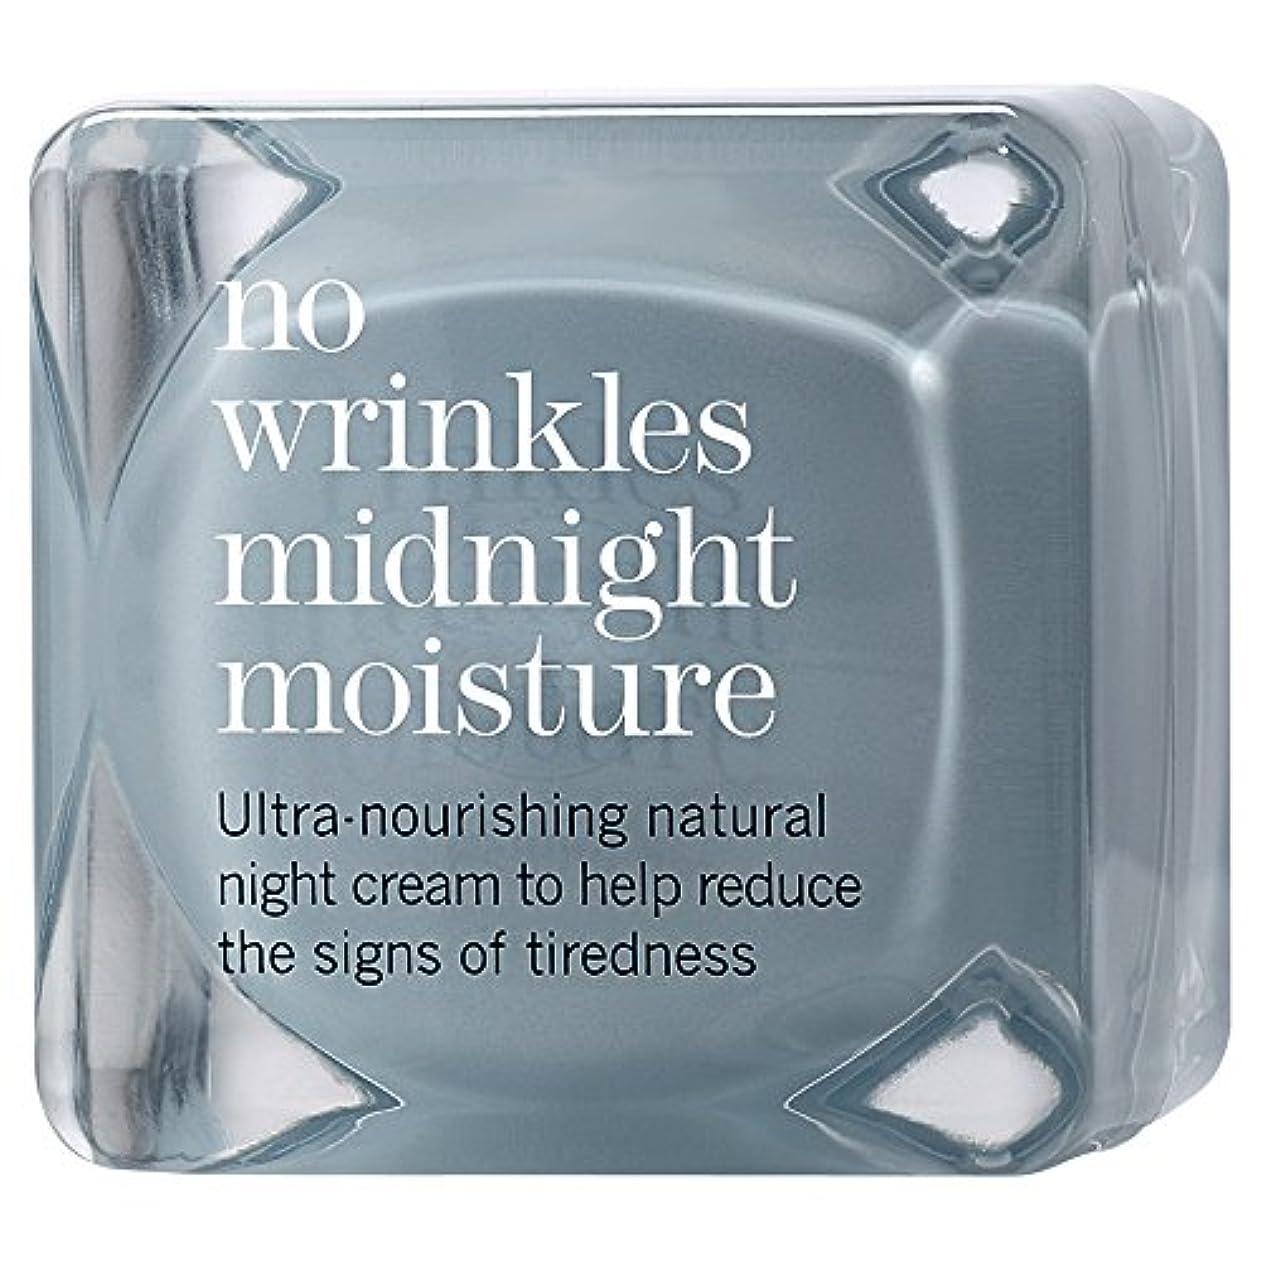 テレビ局タンク宝これにはしわ真夜中の水分48ミリリットルの作品はありません (This Works) - This Works No Wrinkles Midnight Moisture 48ml [並行輸入品]